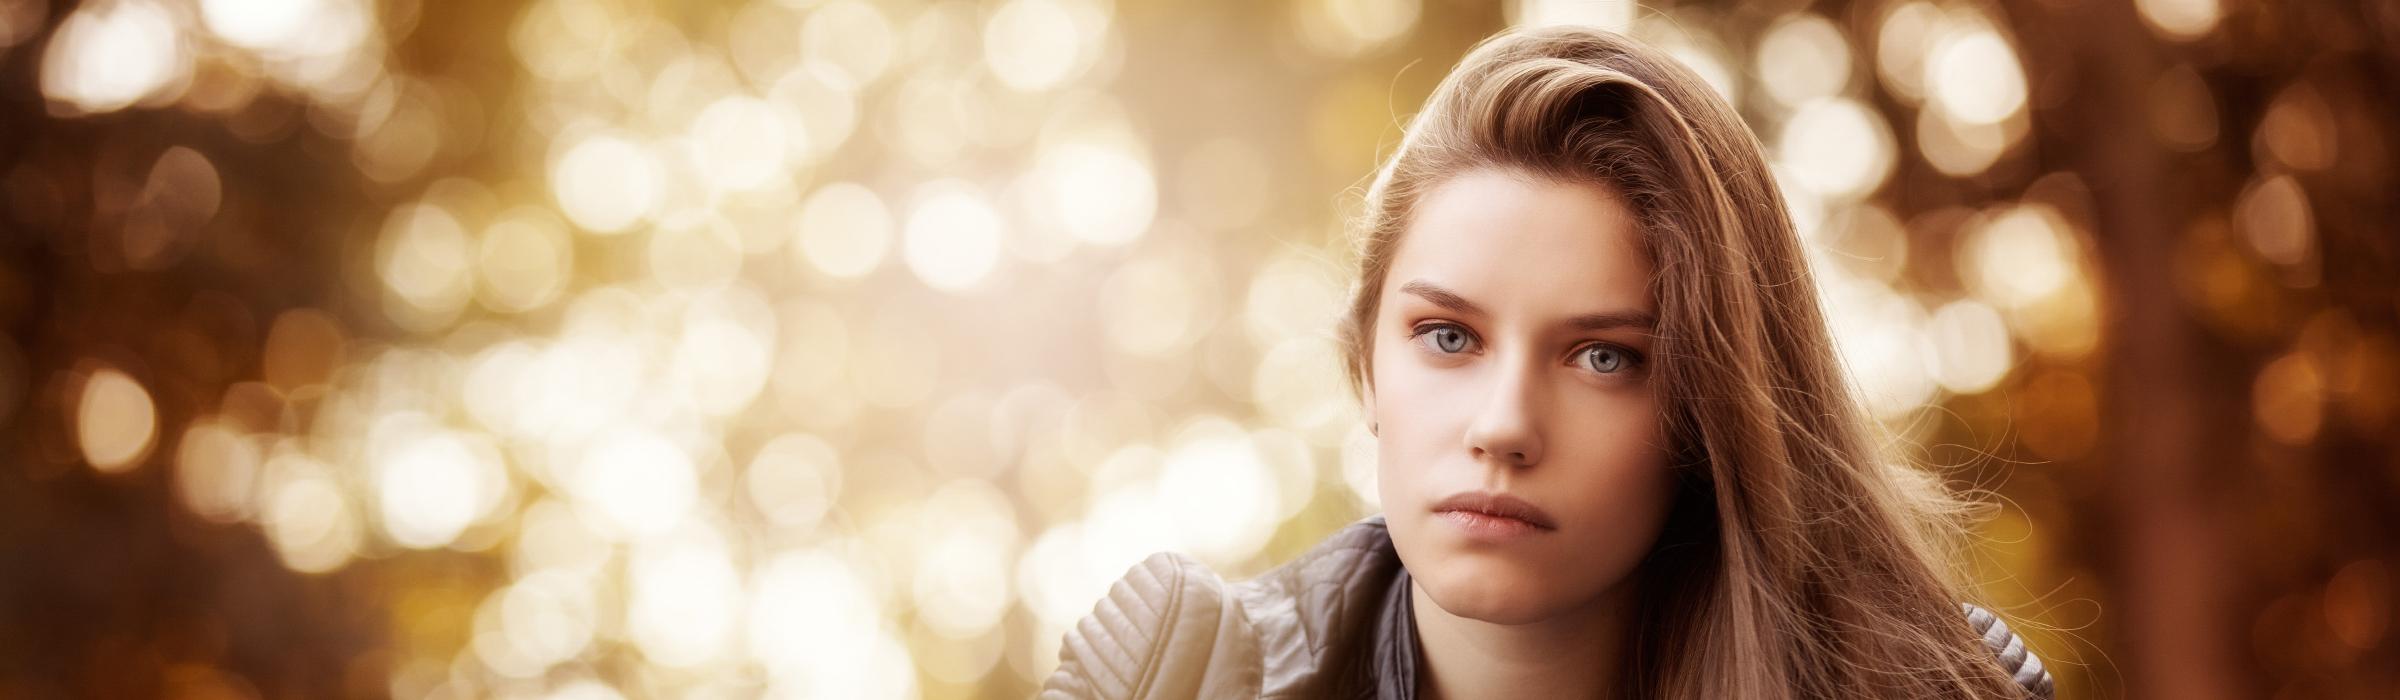 Marion Hogl Portraitfotografie mit available light